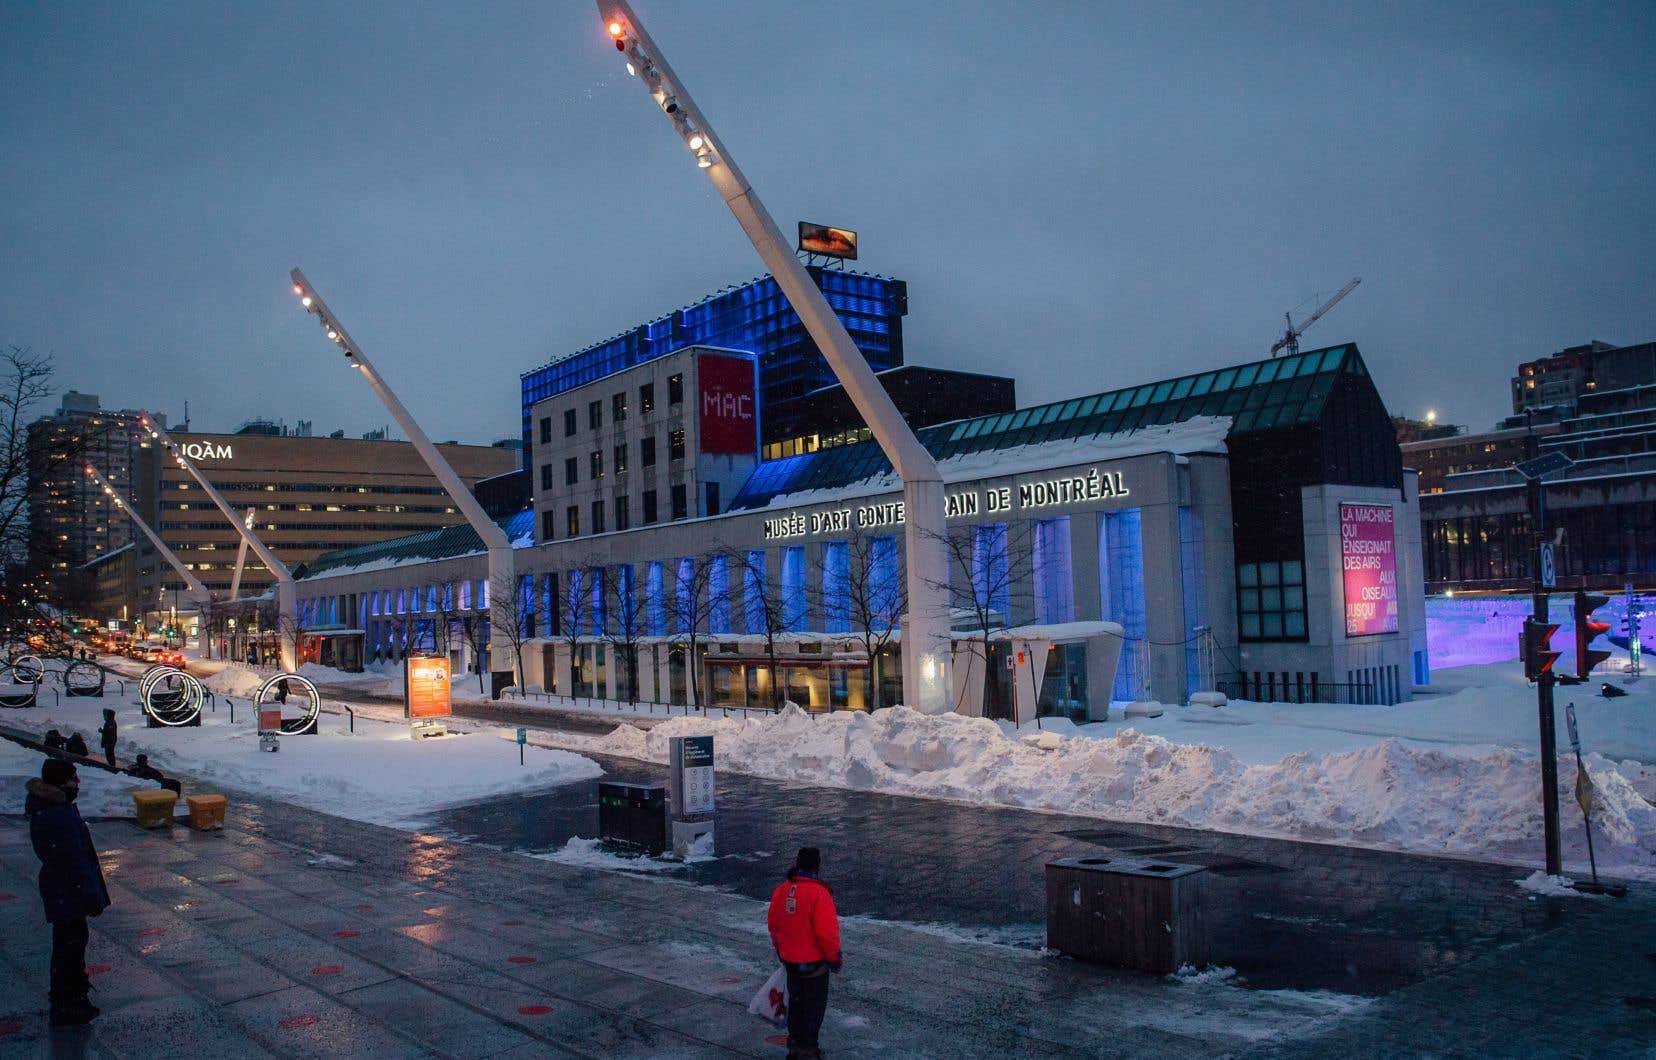 Les travaux visent à réaménager  et à améliorer l'immeuble ainsi qu'à bonifier  son intégration au complexe  de la Société de la Place des Arts de Montréal.